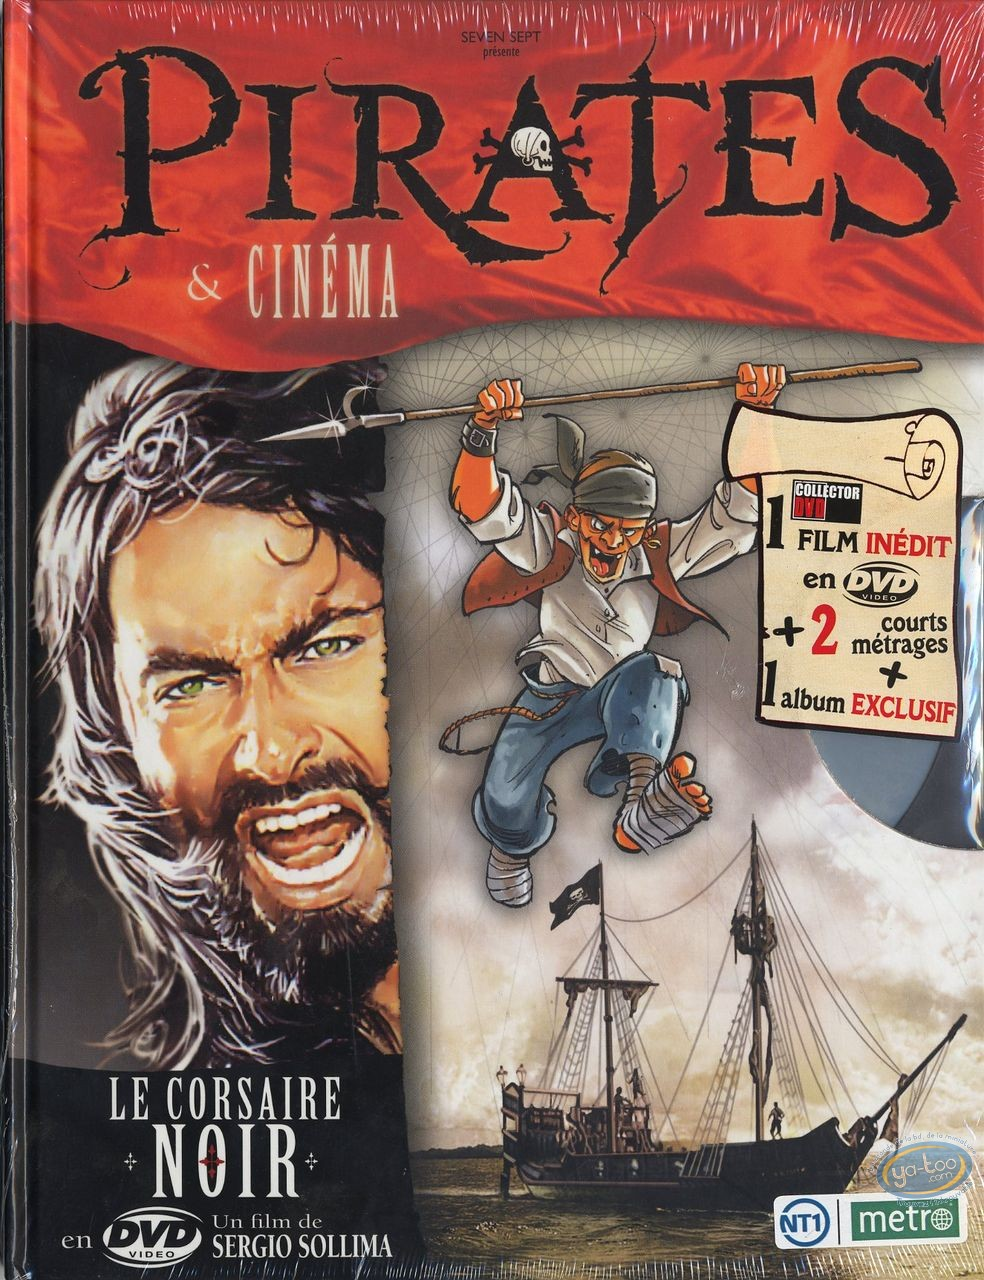 European Comic Books, Pirates et Cinéma : Pirates & cinéma